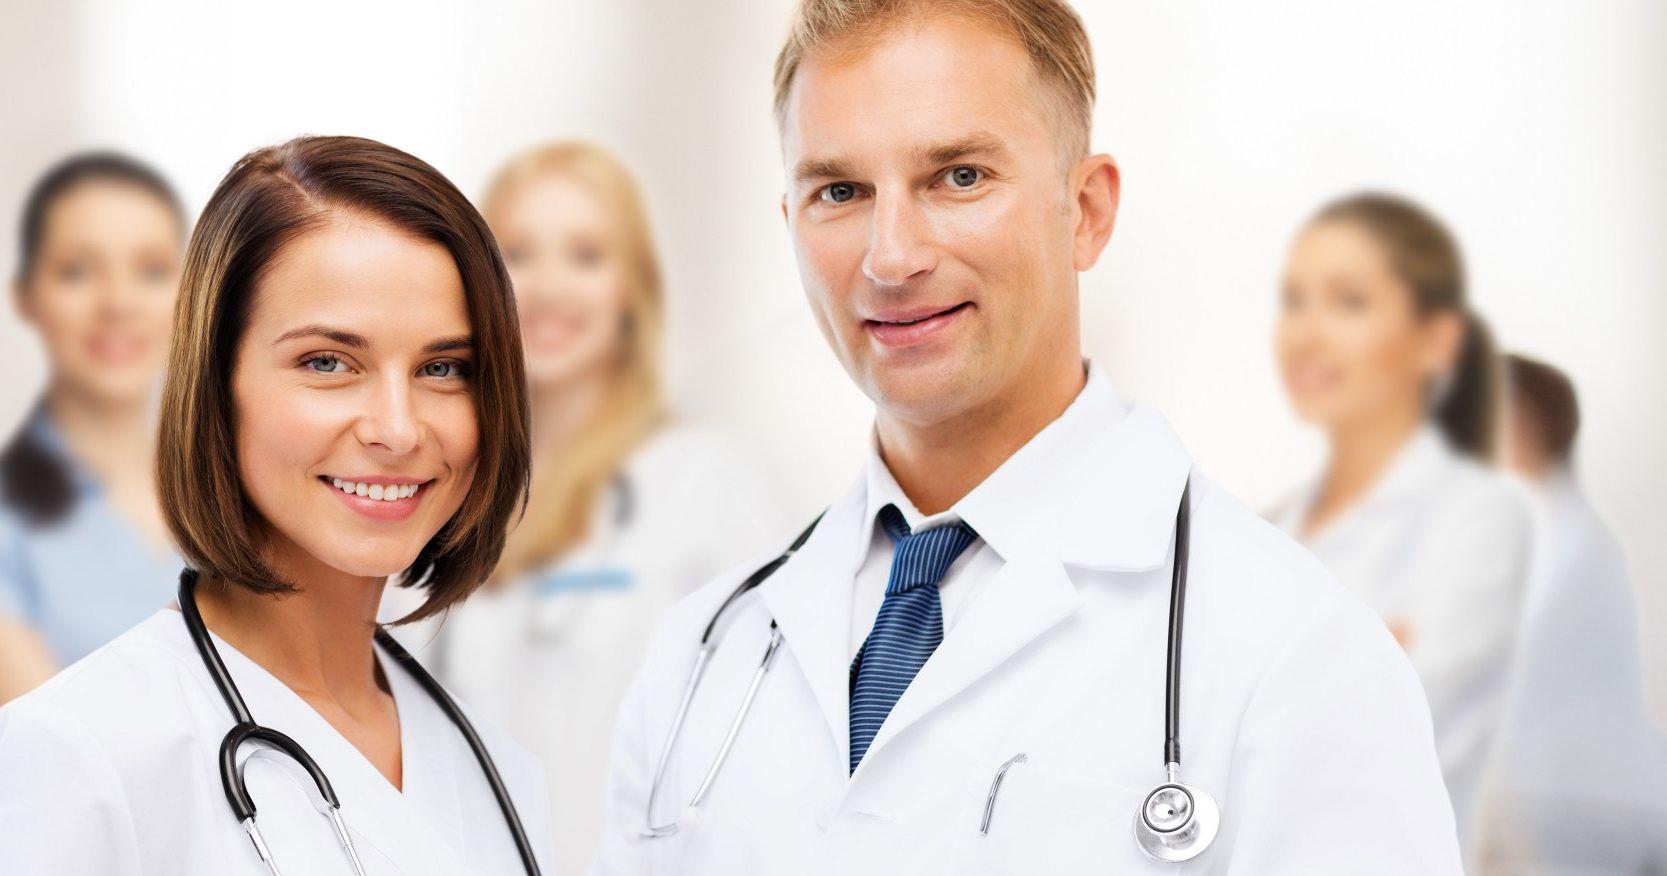 Ввел влагалище врач доктор